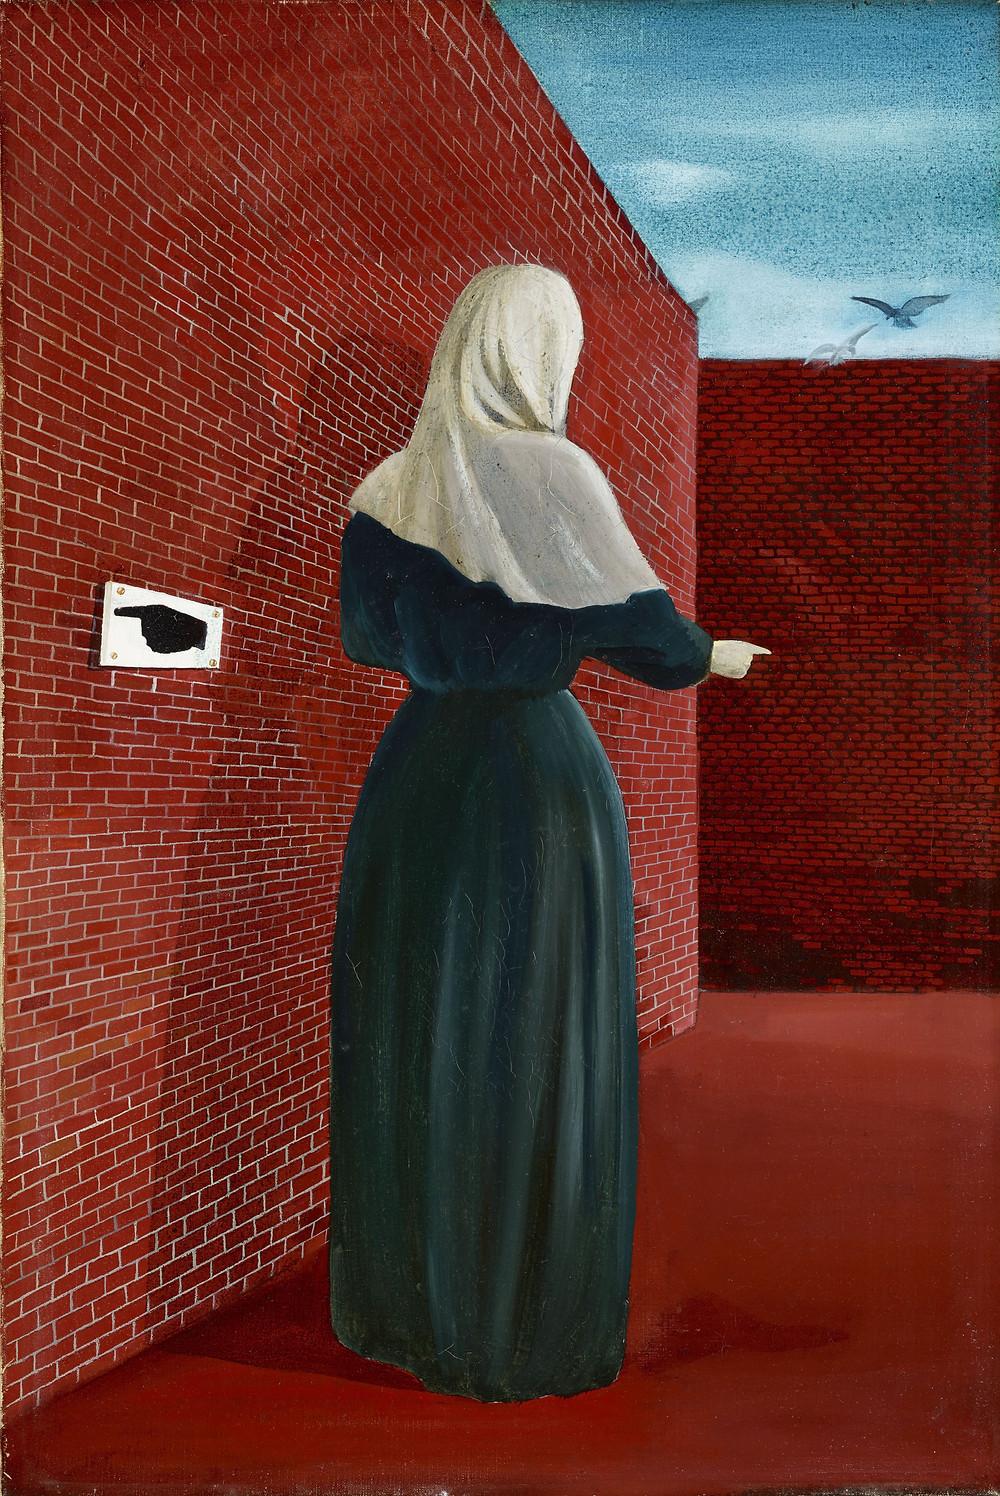 Ország Lili: Nő fátyollal (Nő fal előtt), 1956. Olaj, vászon 56x35 cm. Szent István Király Múzeum, Székesfehérvár